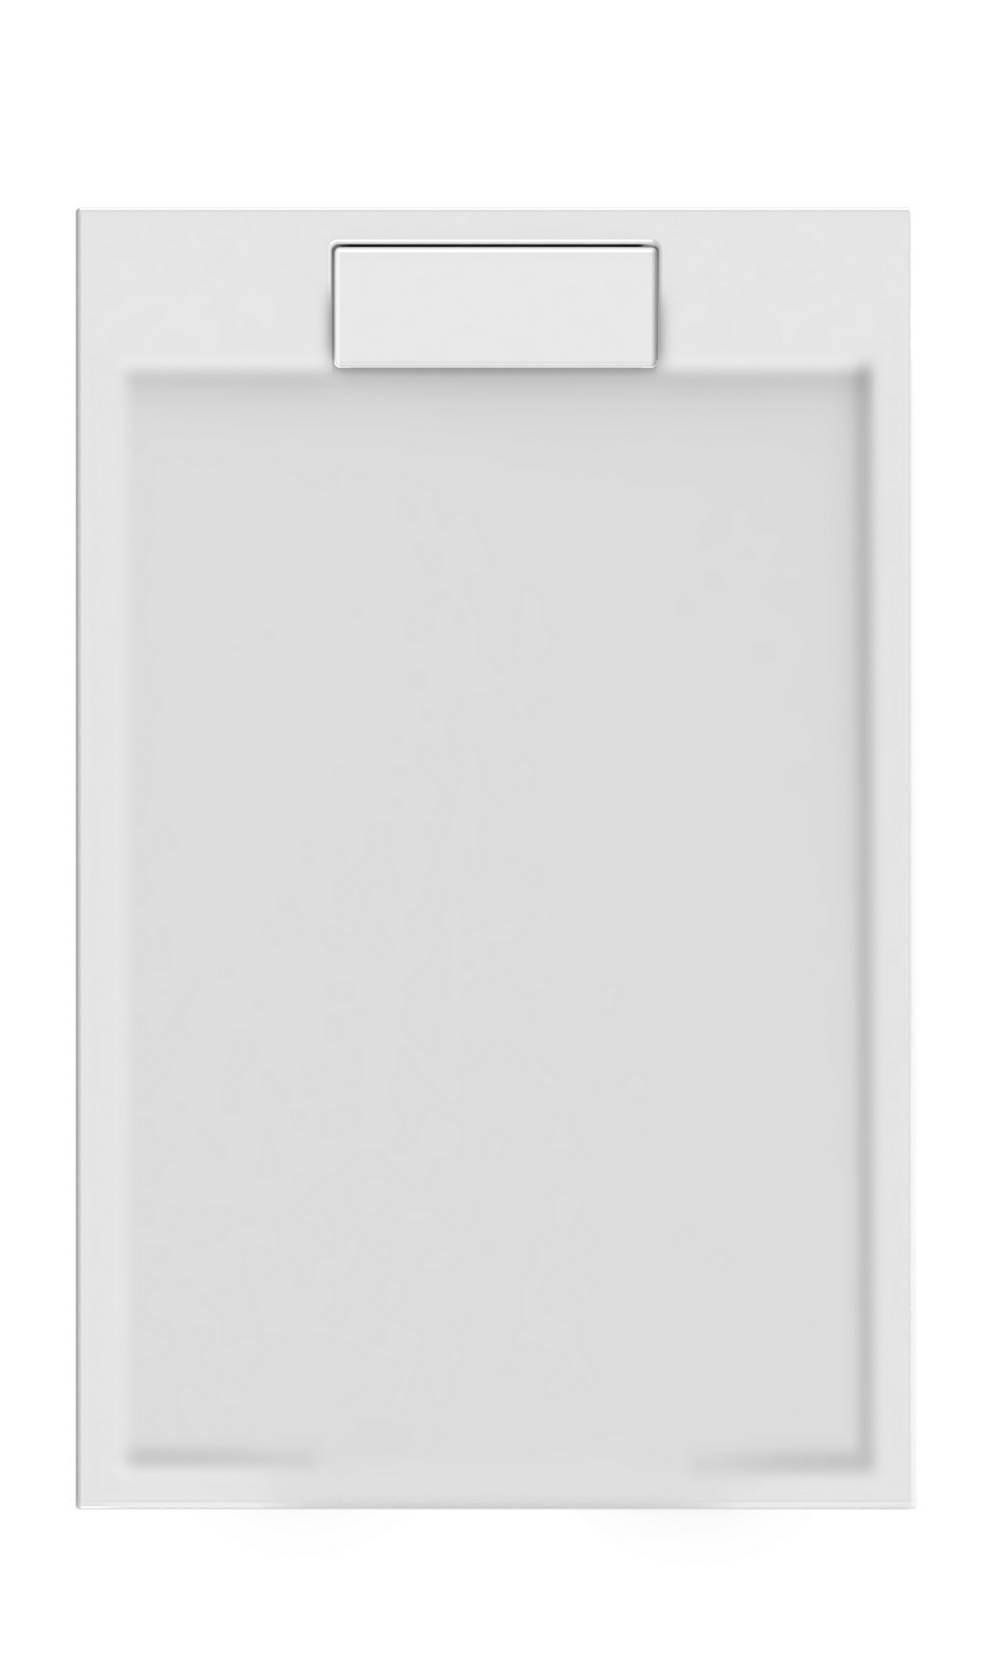 PURETEX Rechthoekig - 140 x 90 x 4,5 cm - Wit